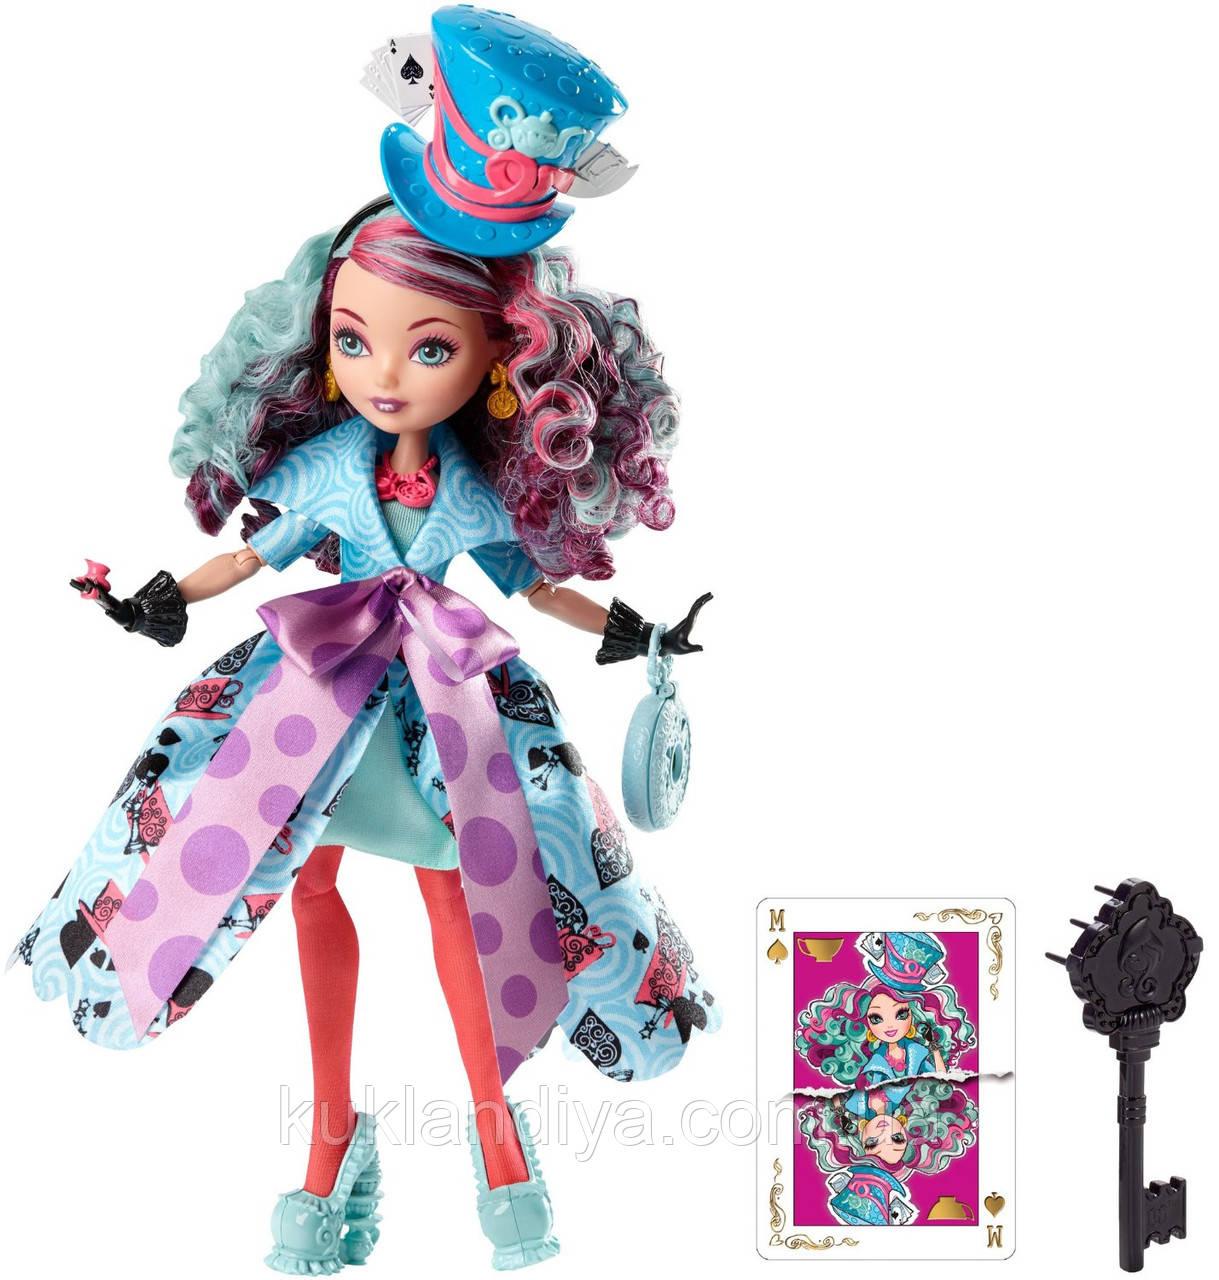 Кукла Ever After High Мэделин Хэттер Way Too Wonderland, фото 1